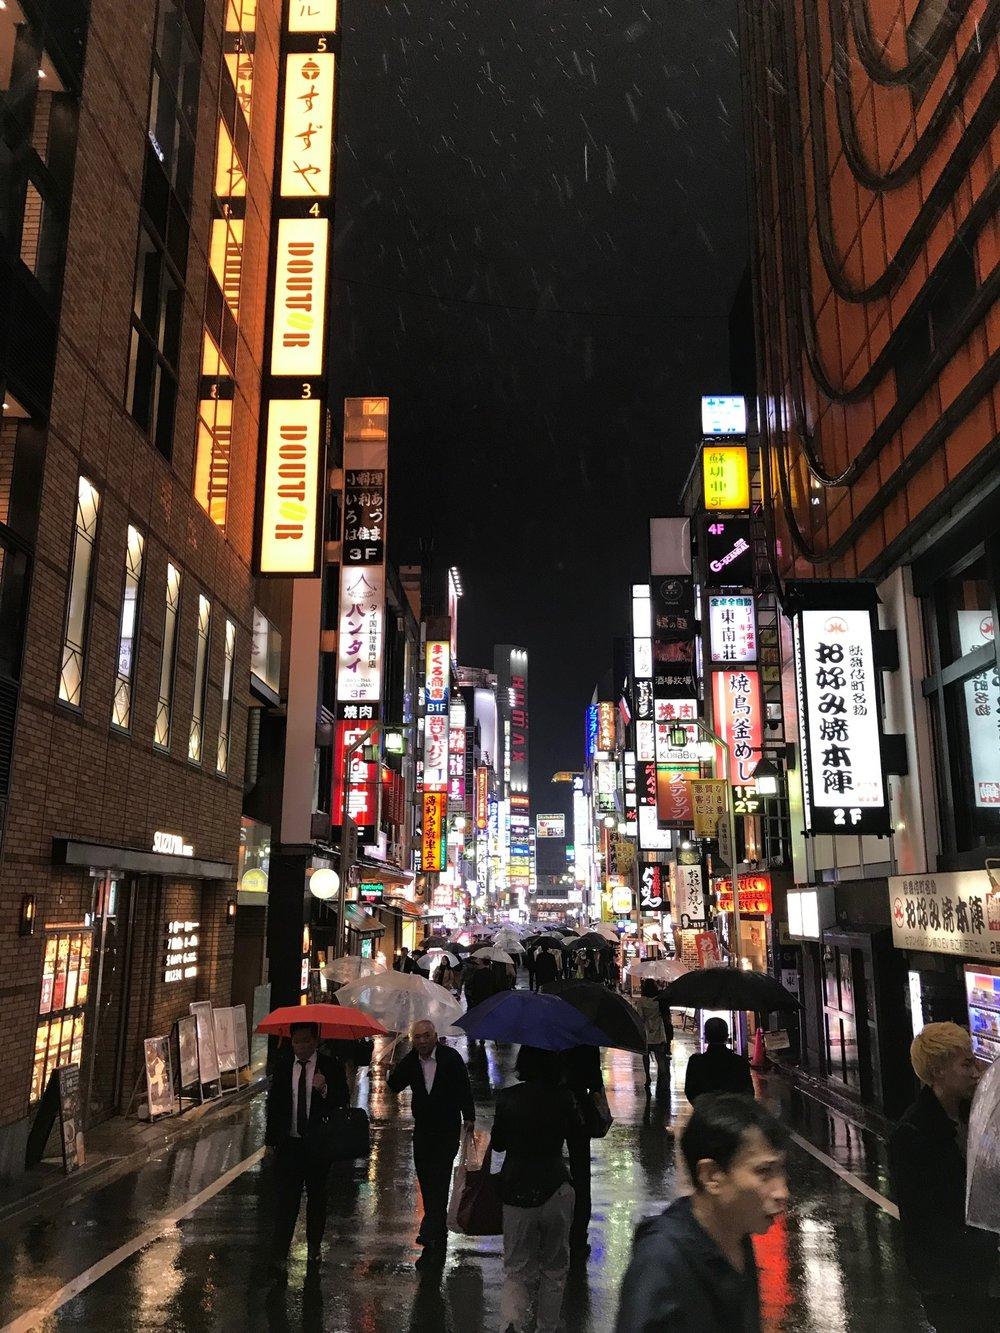 Downtown Japan